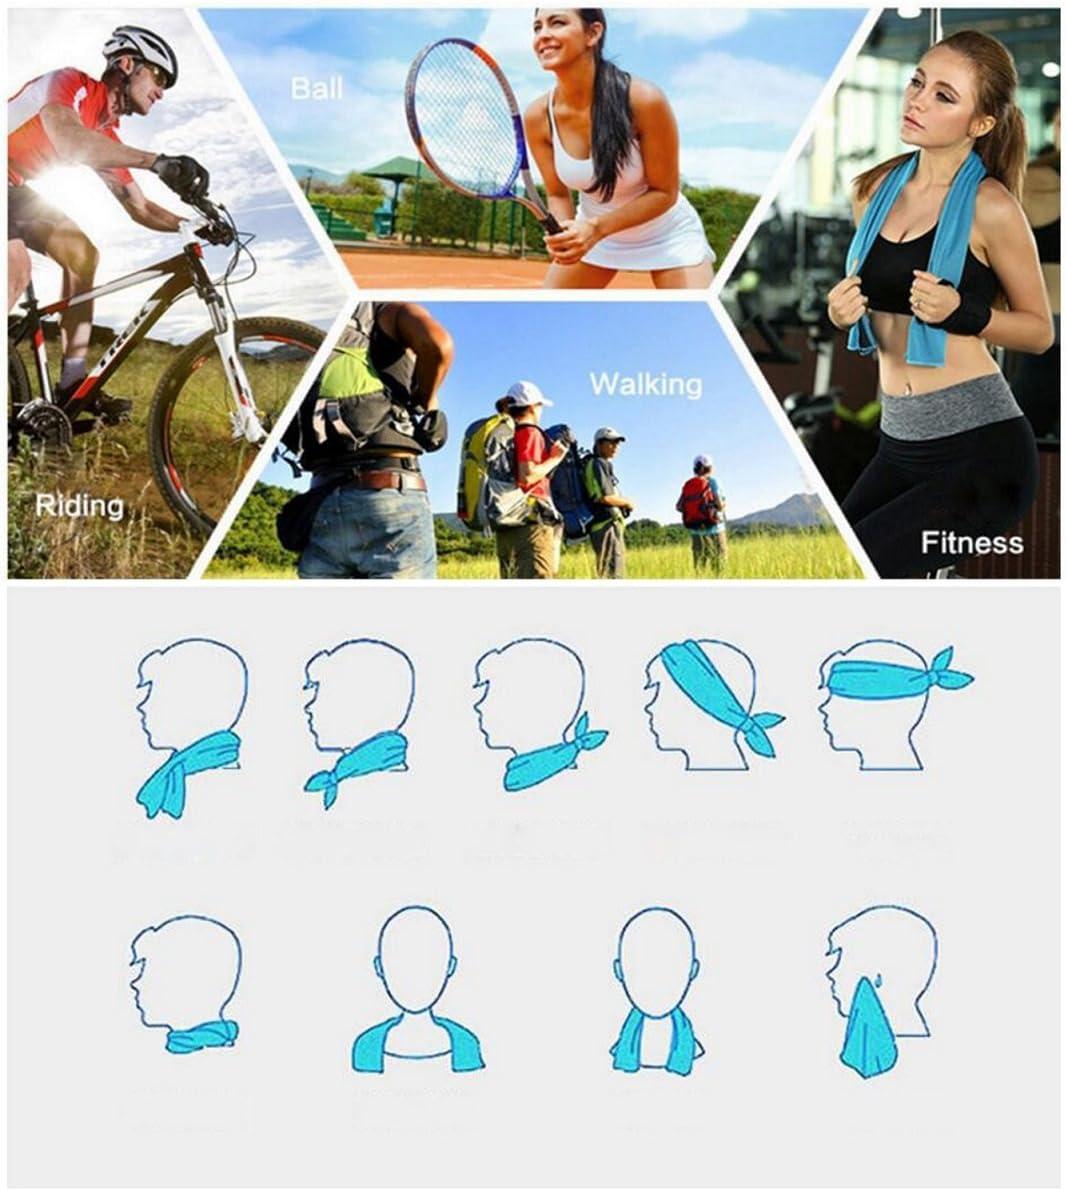 Barrageon Ultraleicht Sporthandtuch Weich K/ühl-Effekt Handt/ücher mit Flasche f/ür Fitness Studio Laufen Trekking Wandern Schnelltrocknend Saugf/ähig